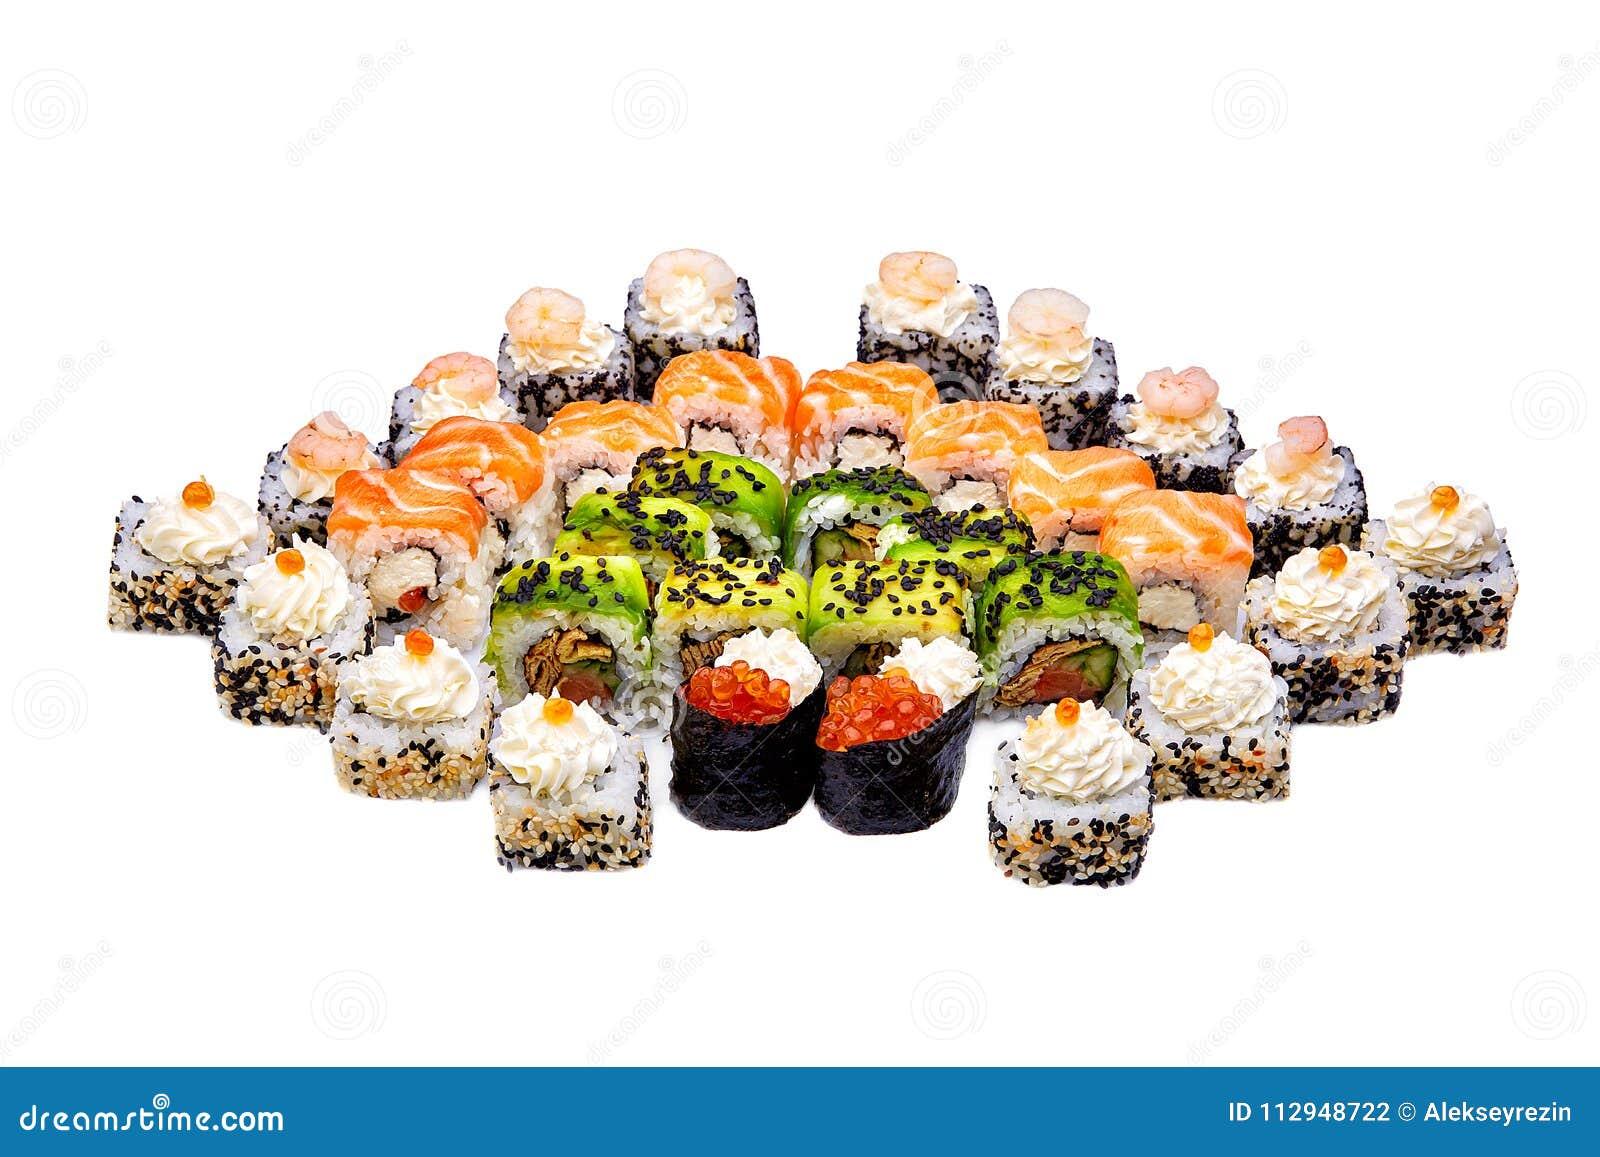 Zusammenstellung von traditionellen japanischen Sushi Sushi-Satz lokalisiert auf weißem Hintergrund